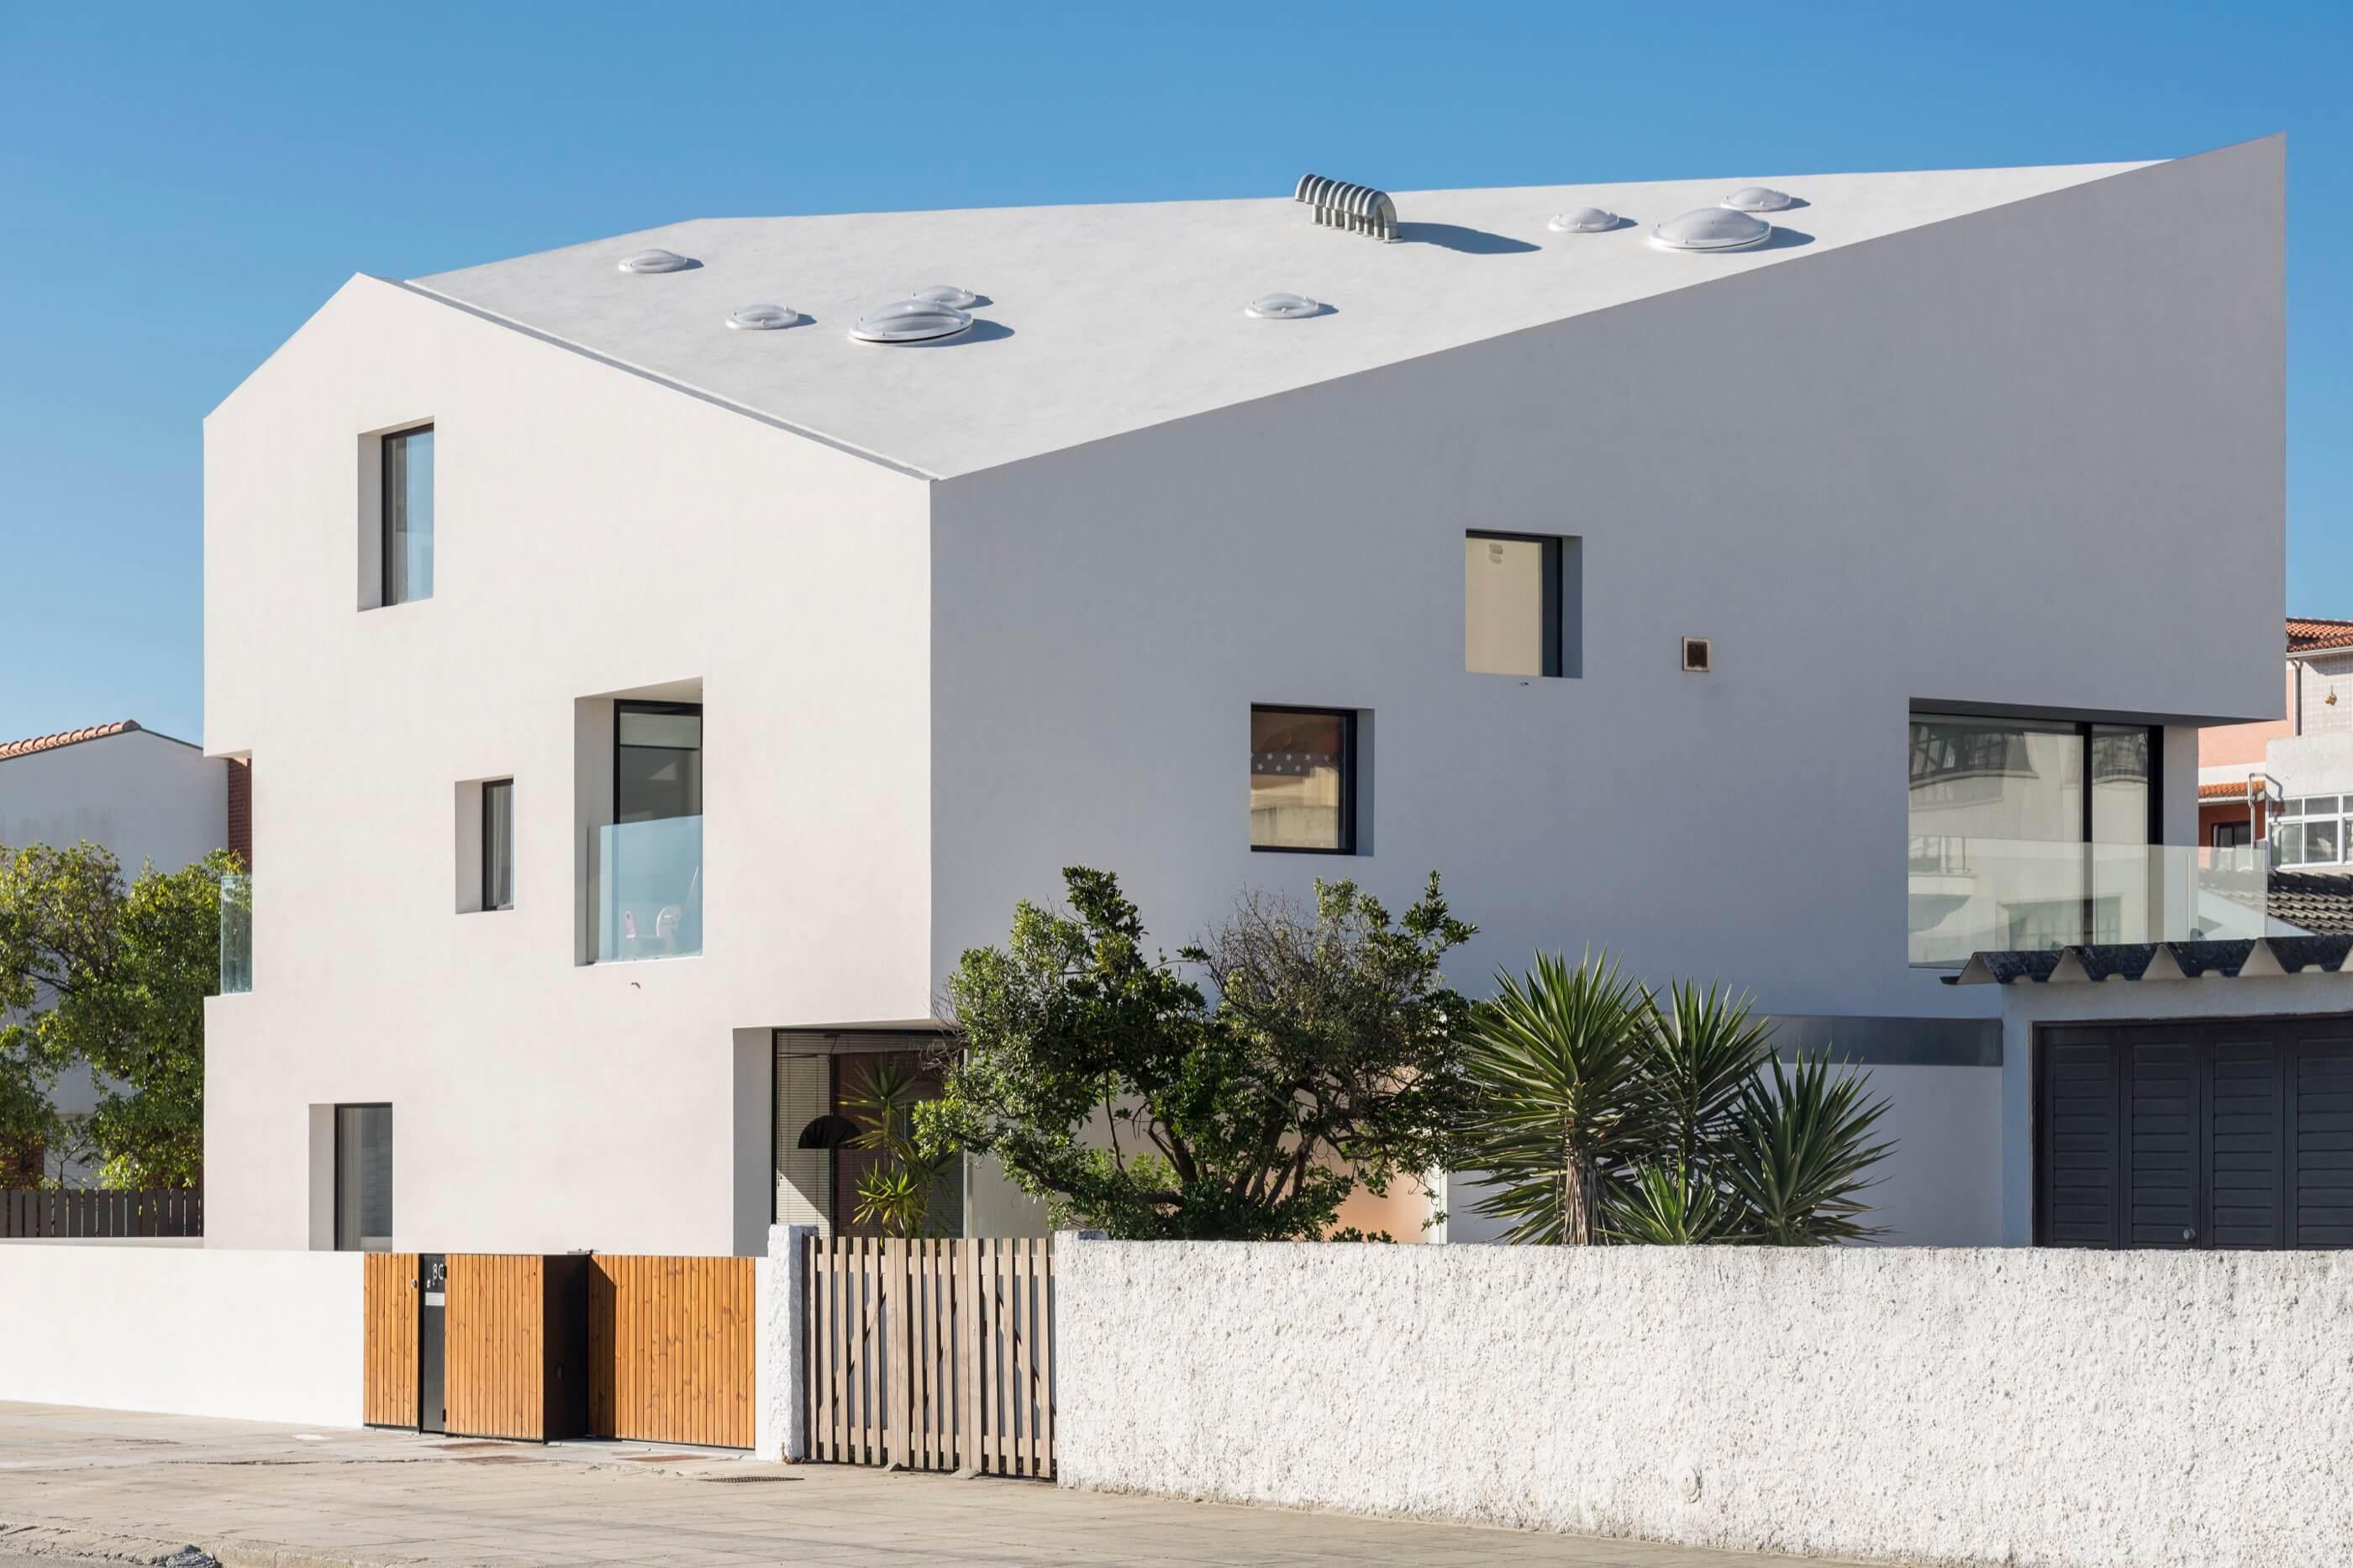 Arquitecto Lousinha Casa Fontes 3 do fotografo Ivo Tavares Studio